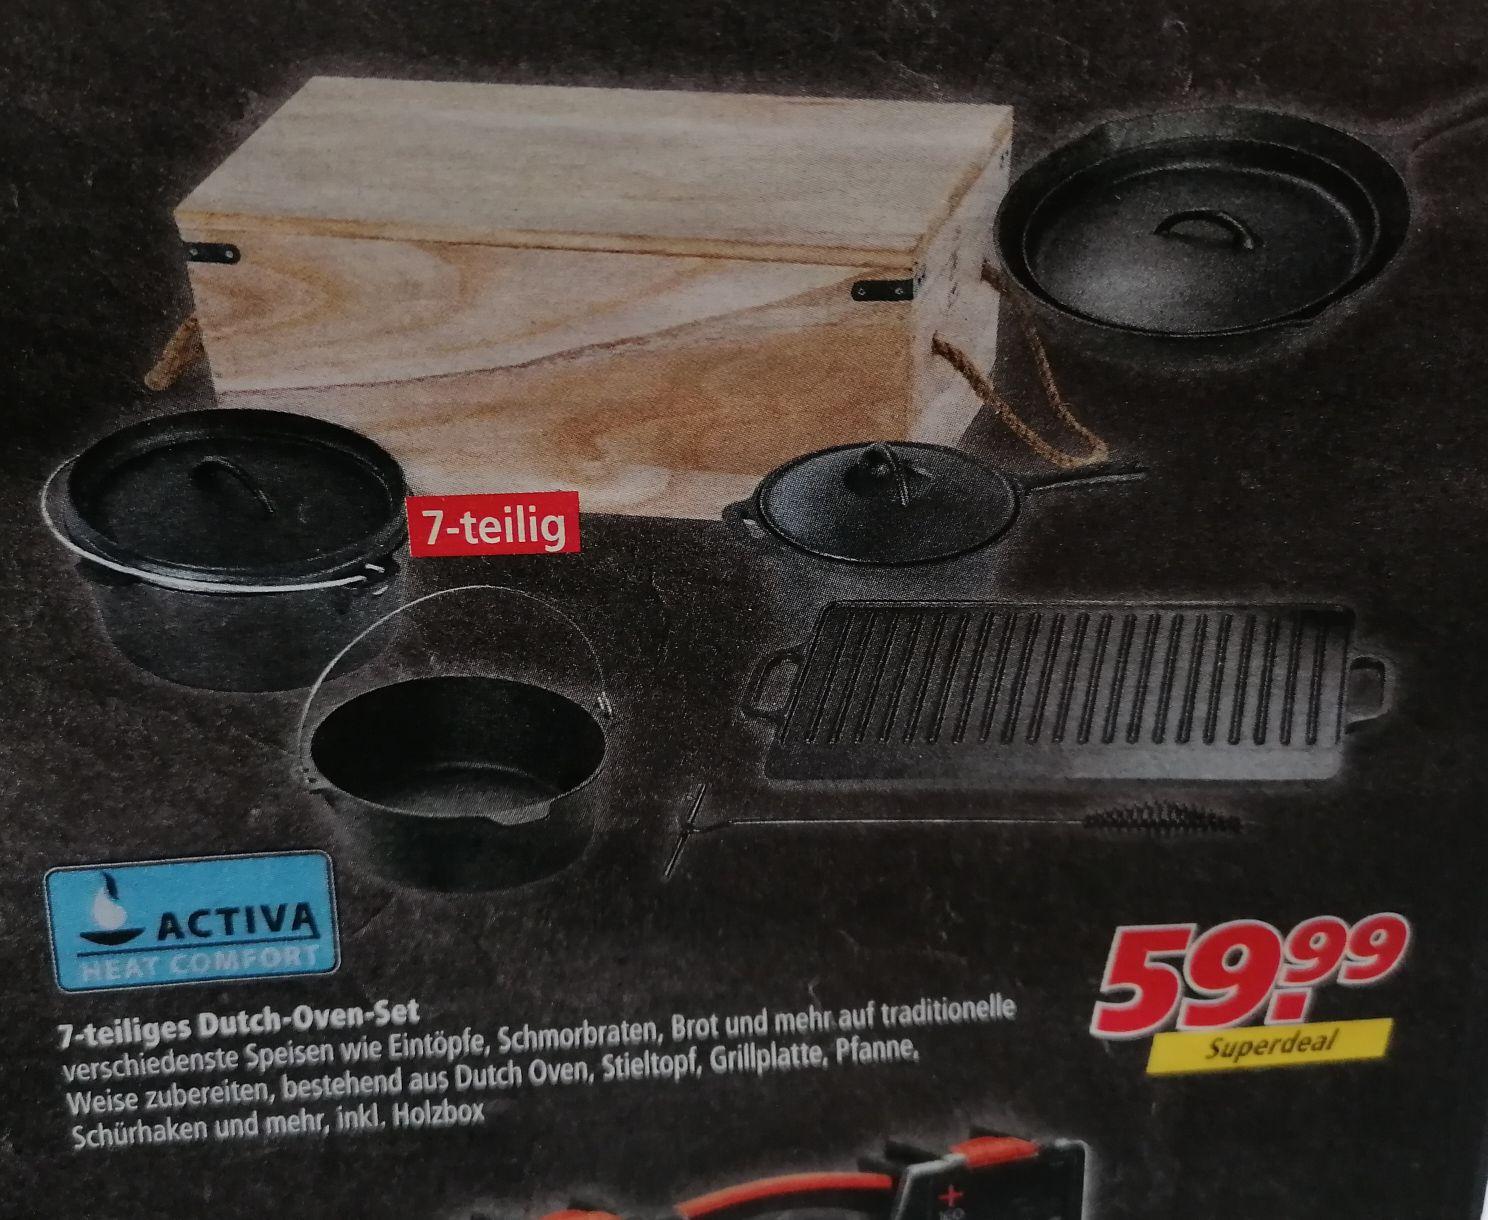 Activa Dutch Oven Set 7-teilig bei Marktkauf